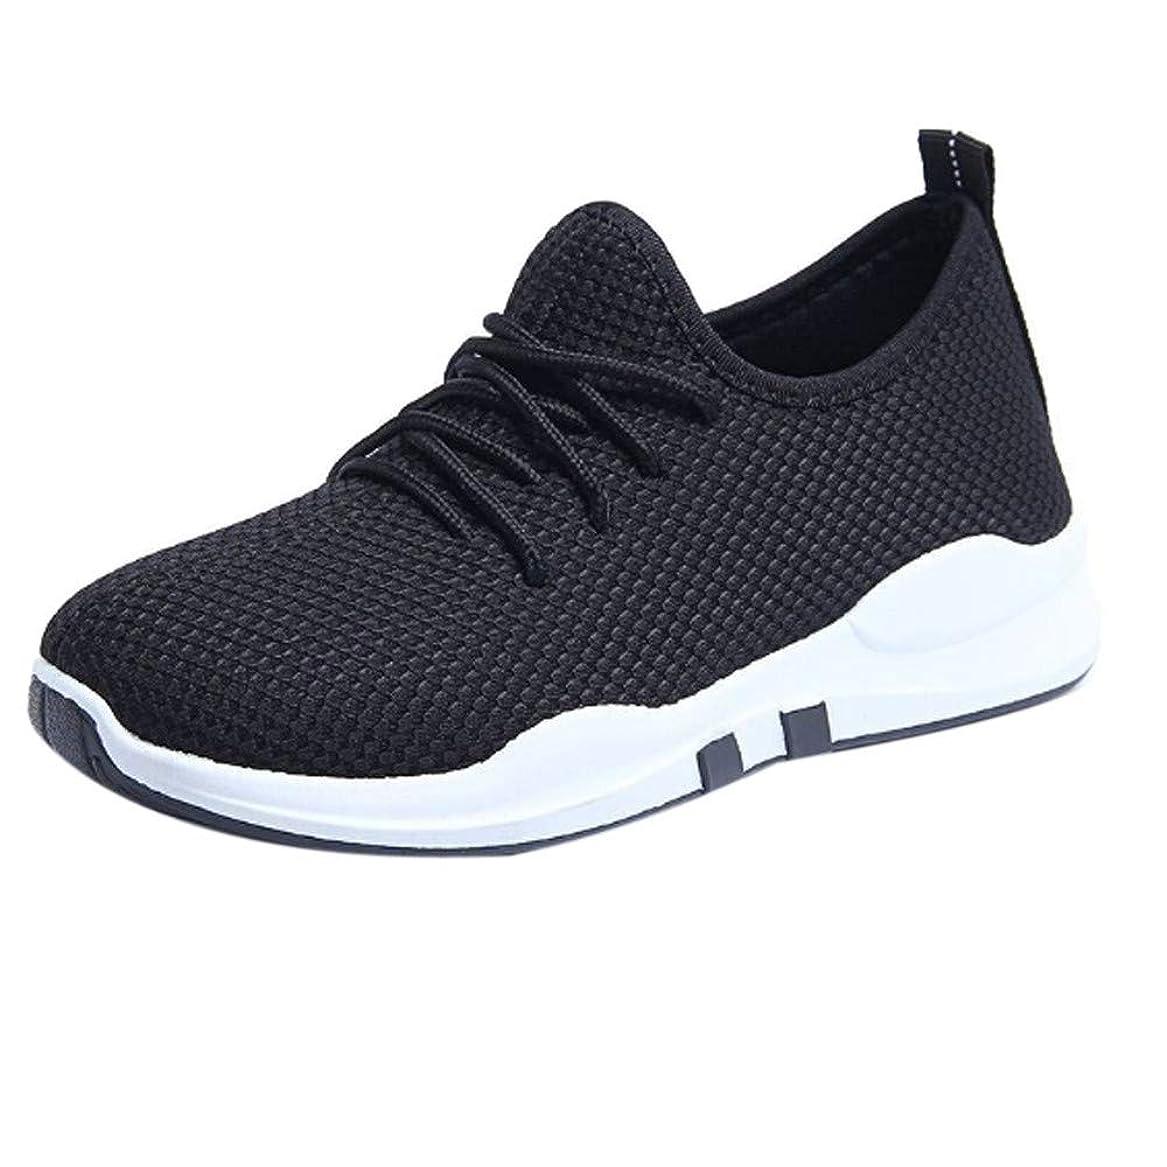 ポーチ上回る鮮やかなランニングシューズ スニーカー レディース メンズ ジョギングシューズ 運動靴 軽量 防水 通学靴 [春の屋] レディーストレーナーランニングフラット快適フィットネスジムスポーツシューズカジュアルシューズ